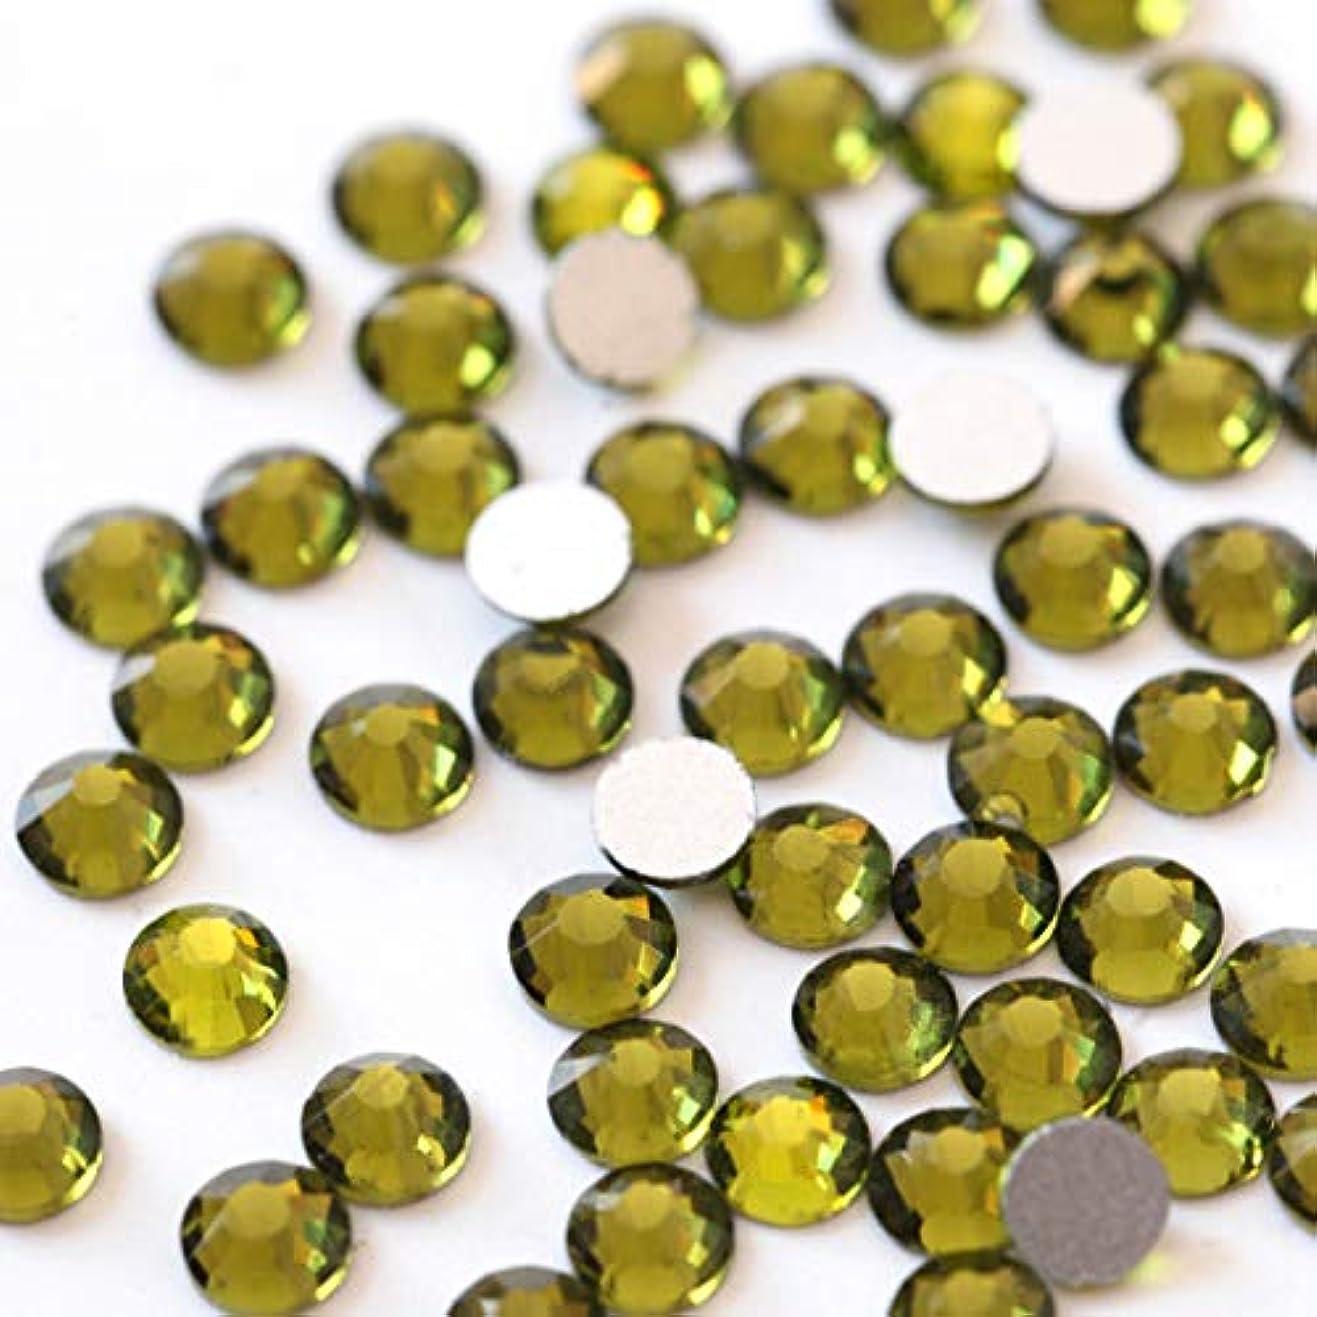 バター可動受粉者【ラインストーン77】高品質ガラス製ラインストーン オリーブ(1.5mm (SS4) 約200粒)